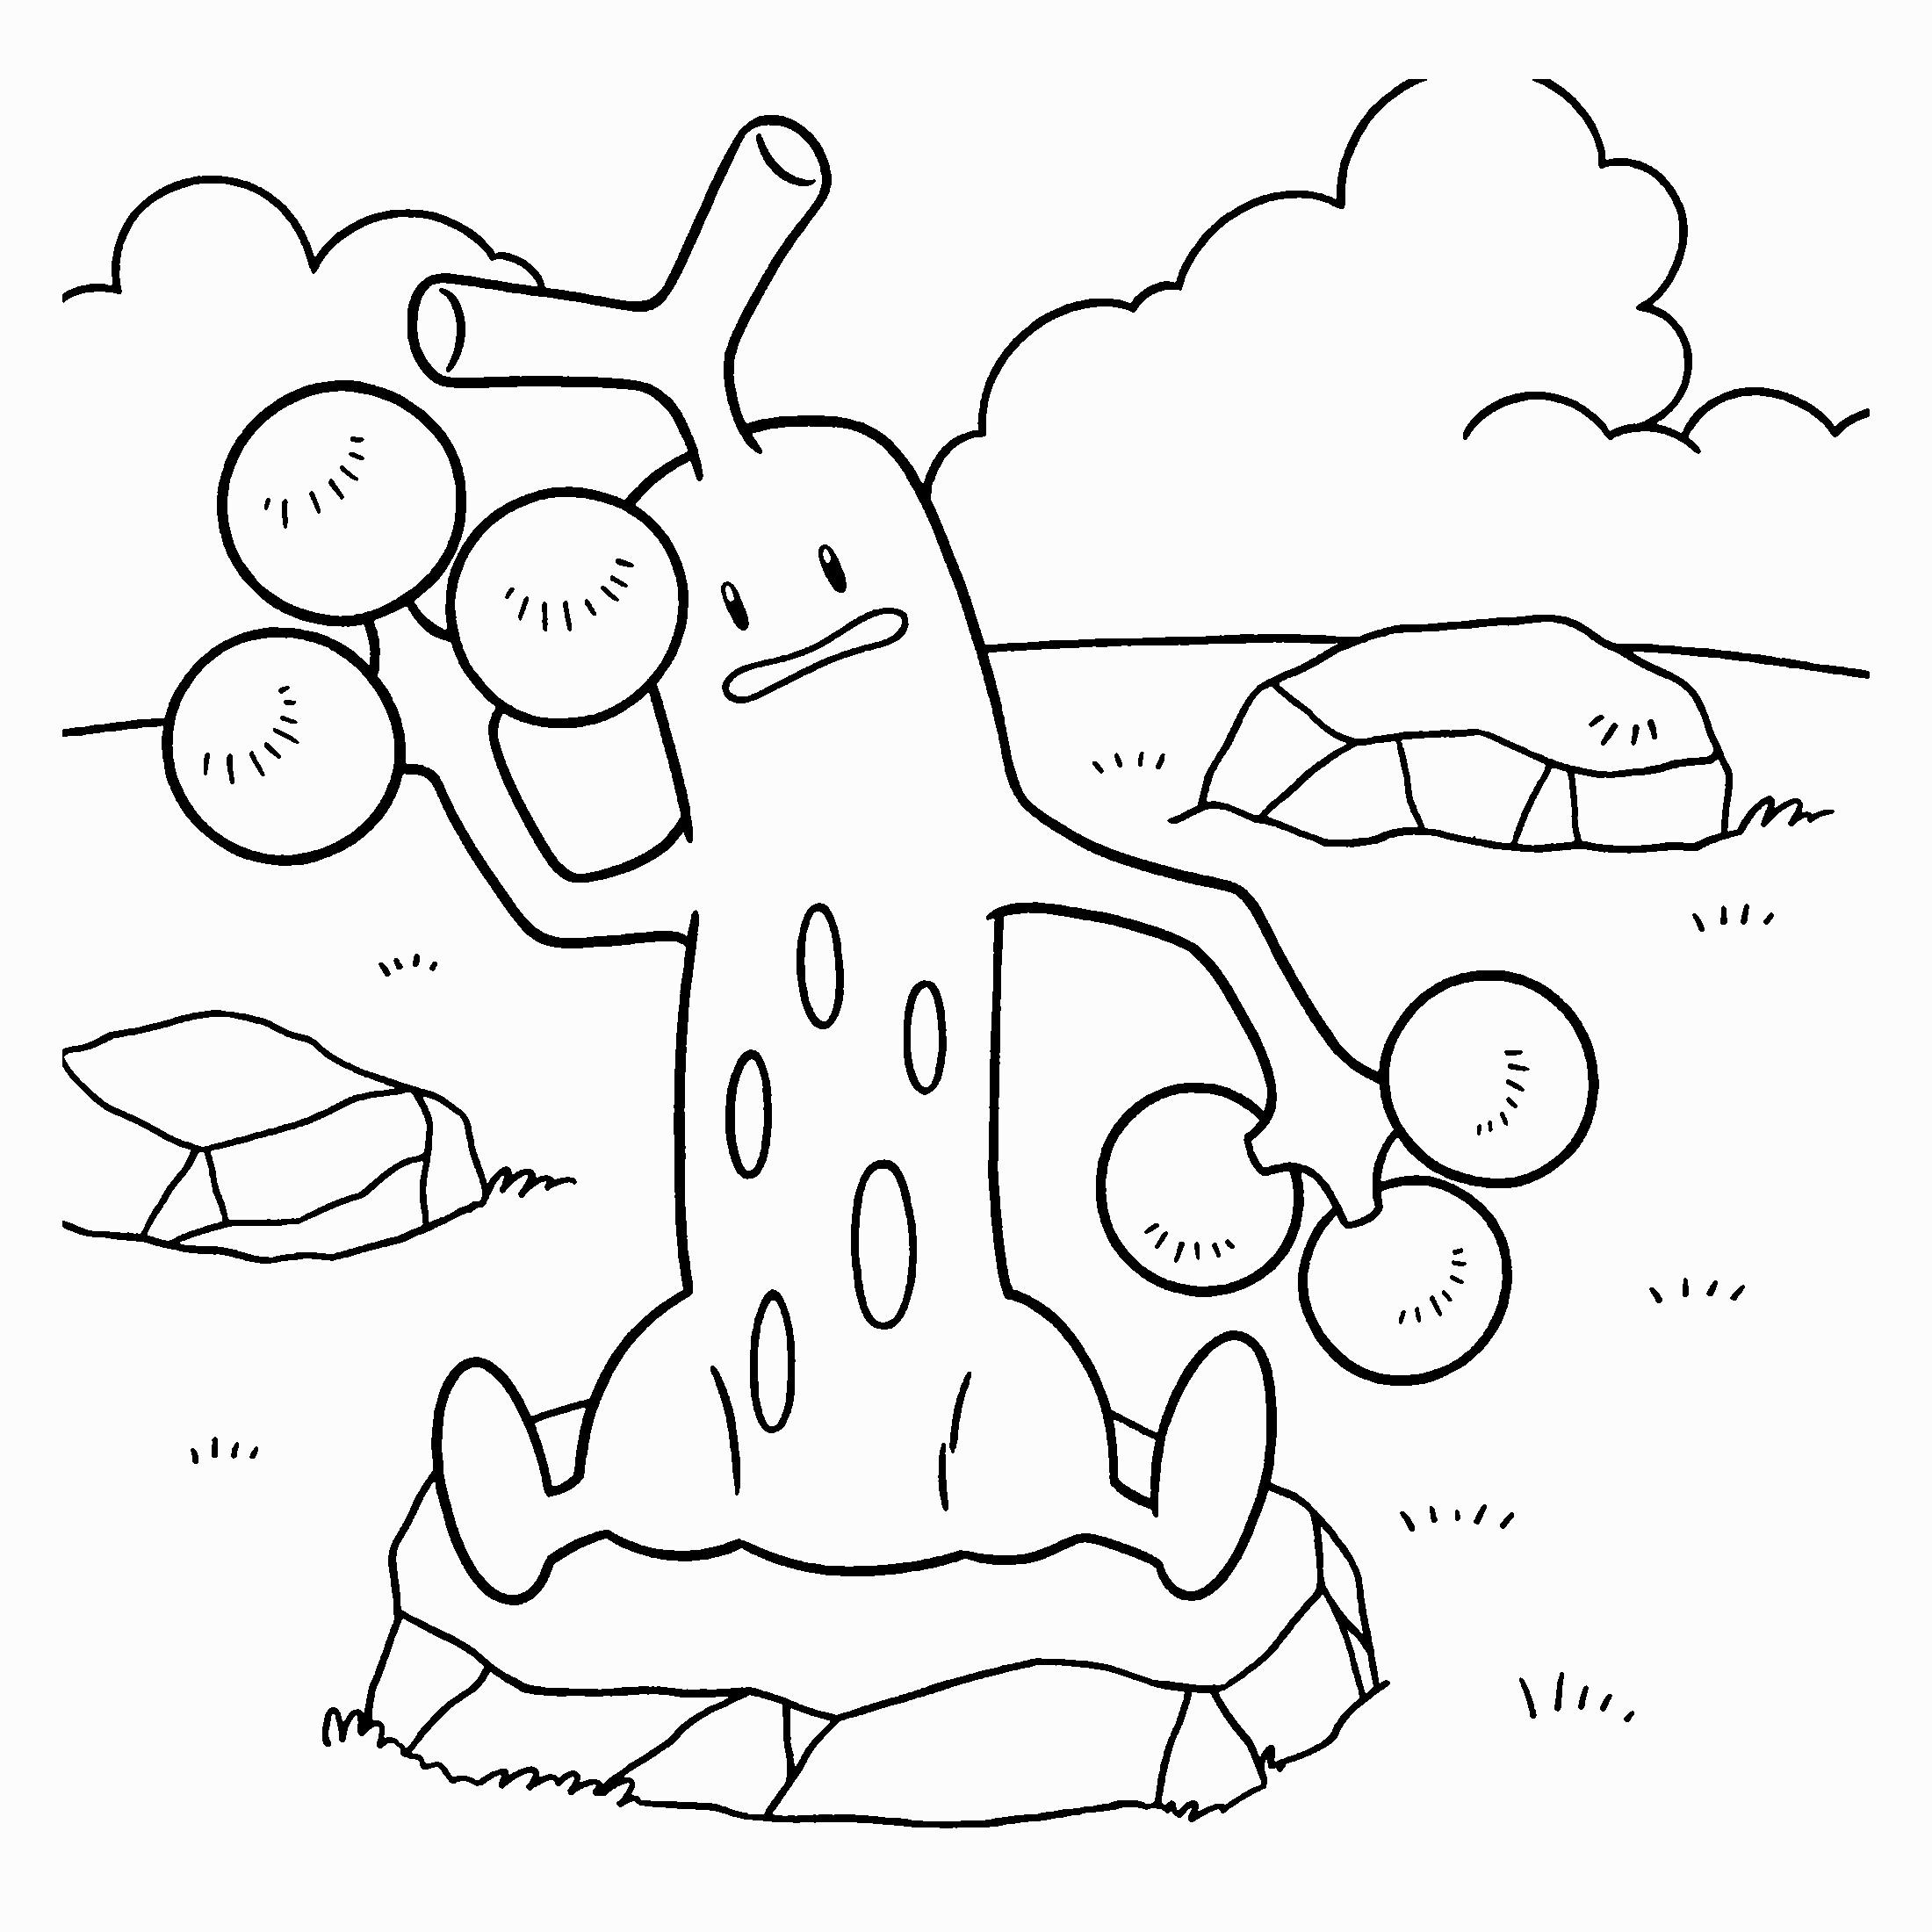 Ausmalbilder Pokemon Ausdrucken Frisch Zeichenvorlagen Zum Ausdrucken Schön Gemusterte Malvorlagen Das Bild